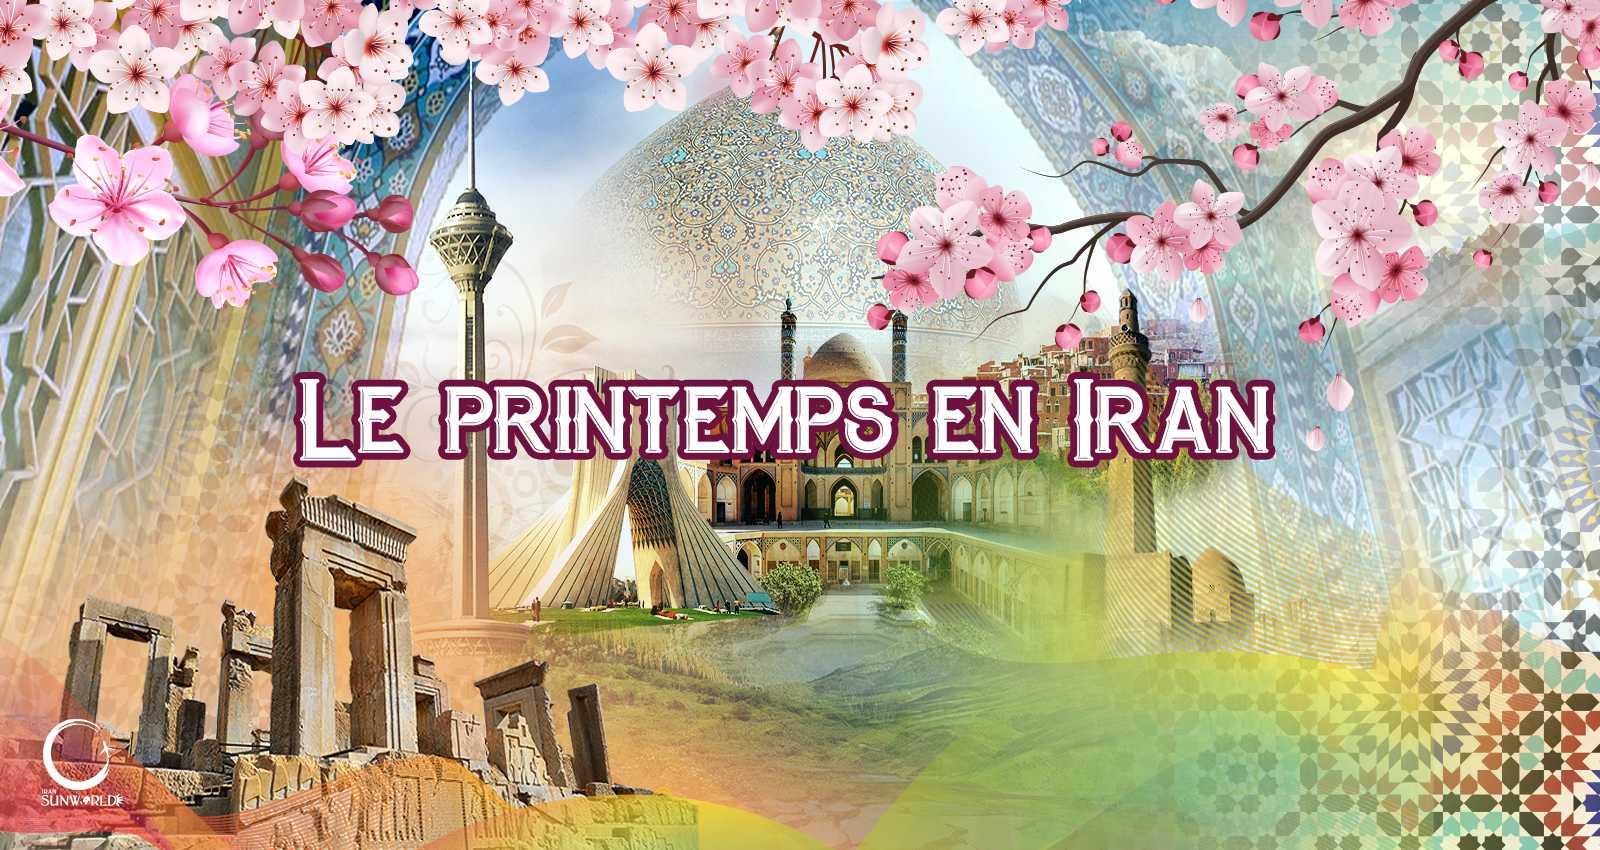 Iran Spring Tours